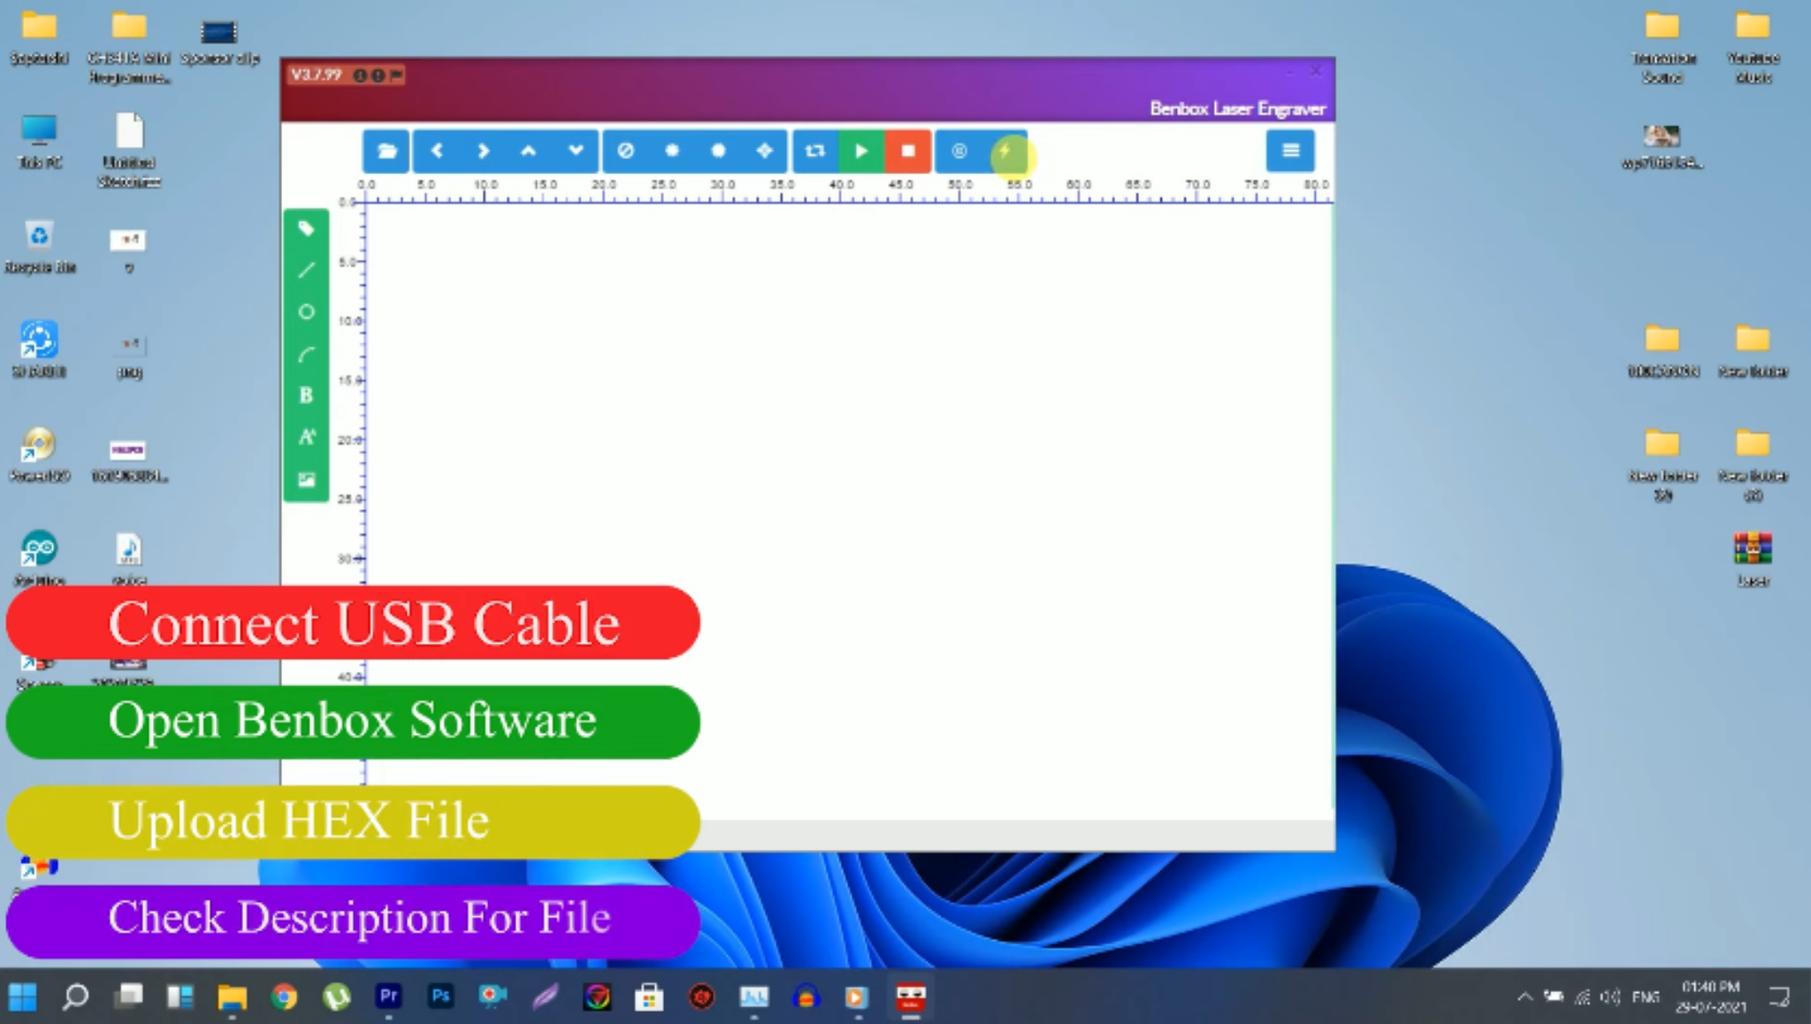 Benbox Softwer Configuration